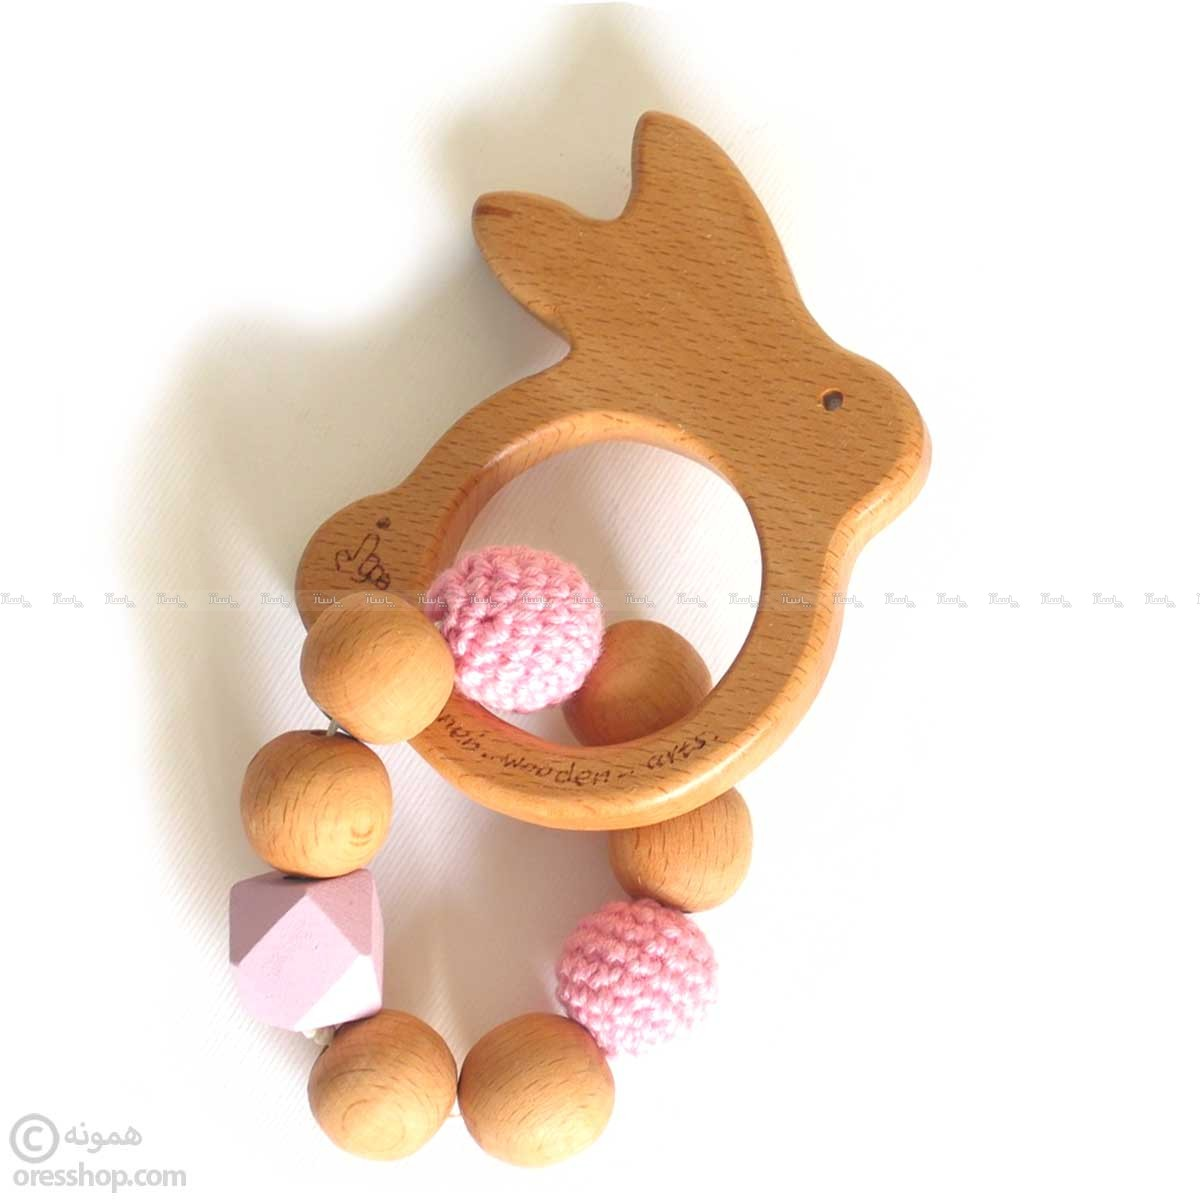 دندونی چوبی دخترانه خرگوش با مهره-تصویر اصلی